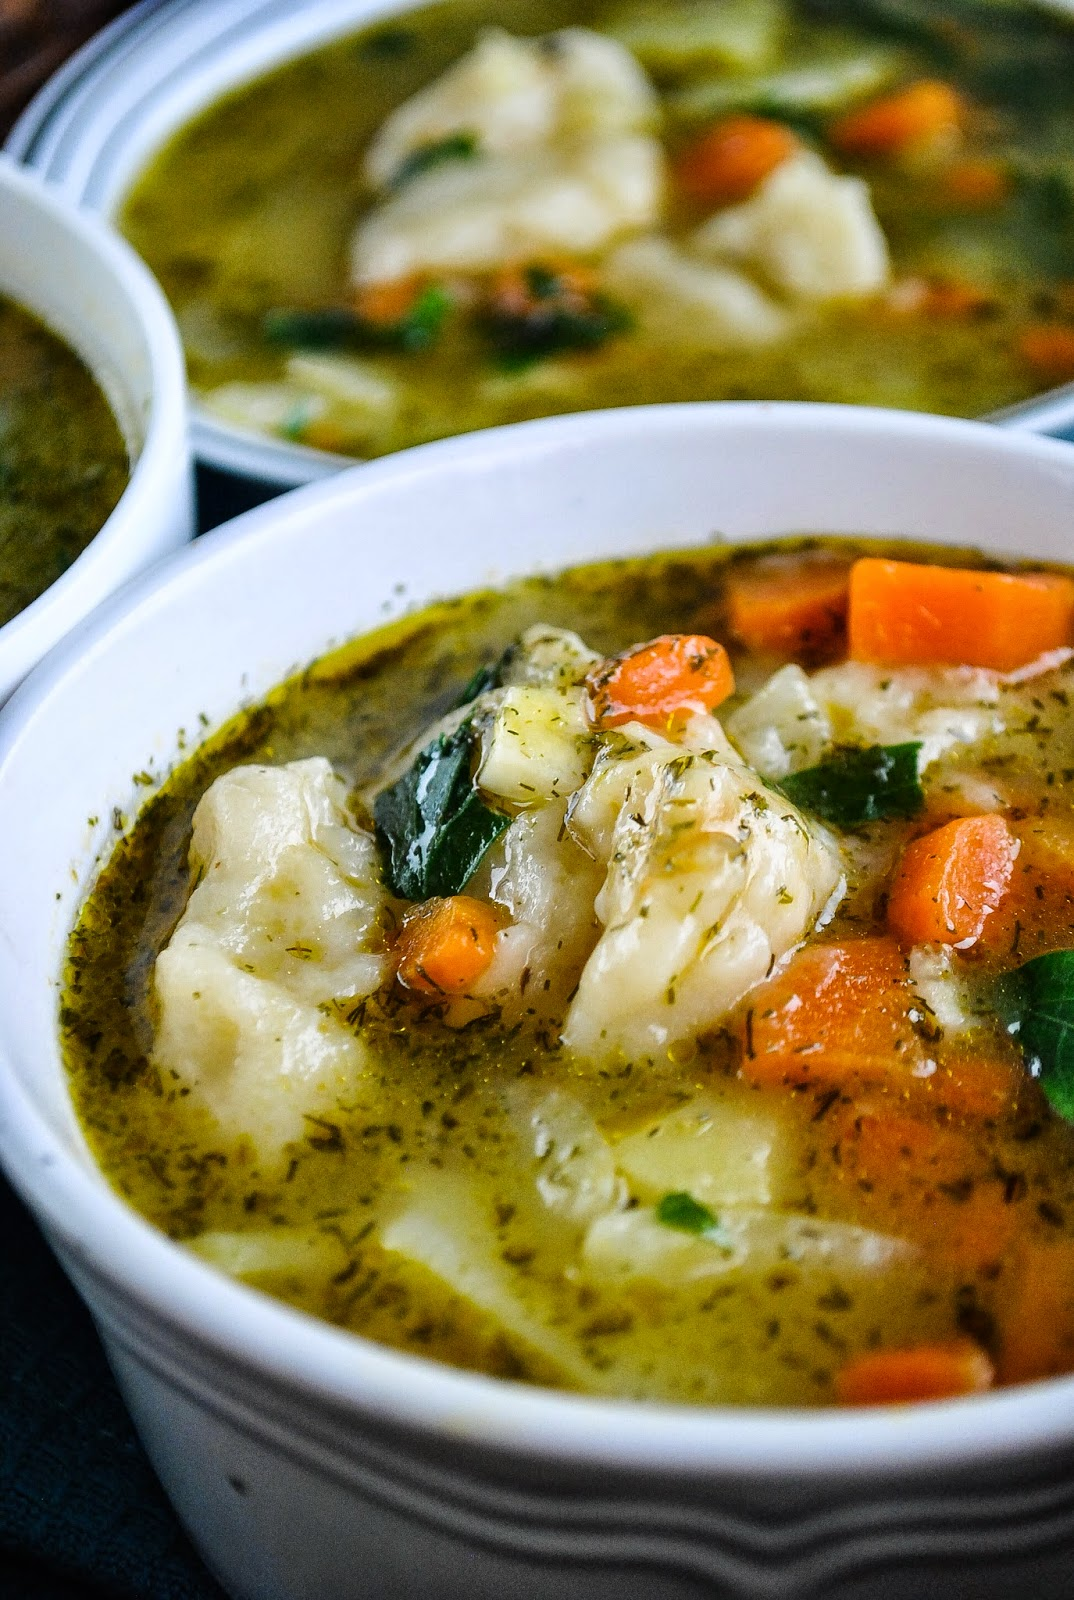 Easy Vegetable And Dumpling Soup Video Vegansandra